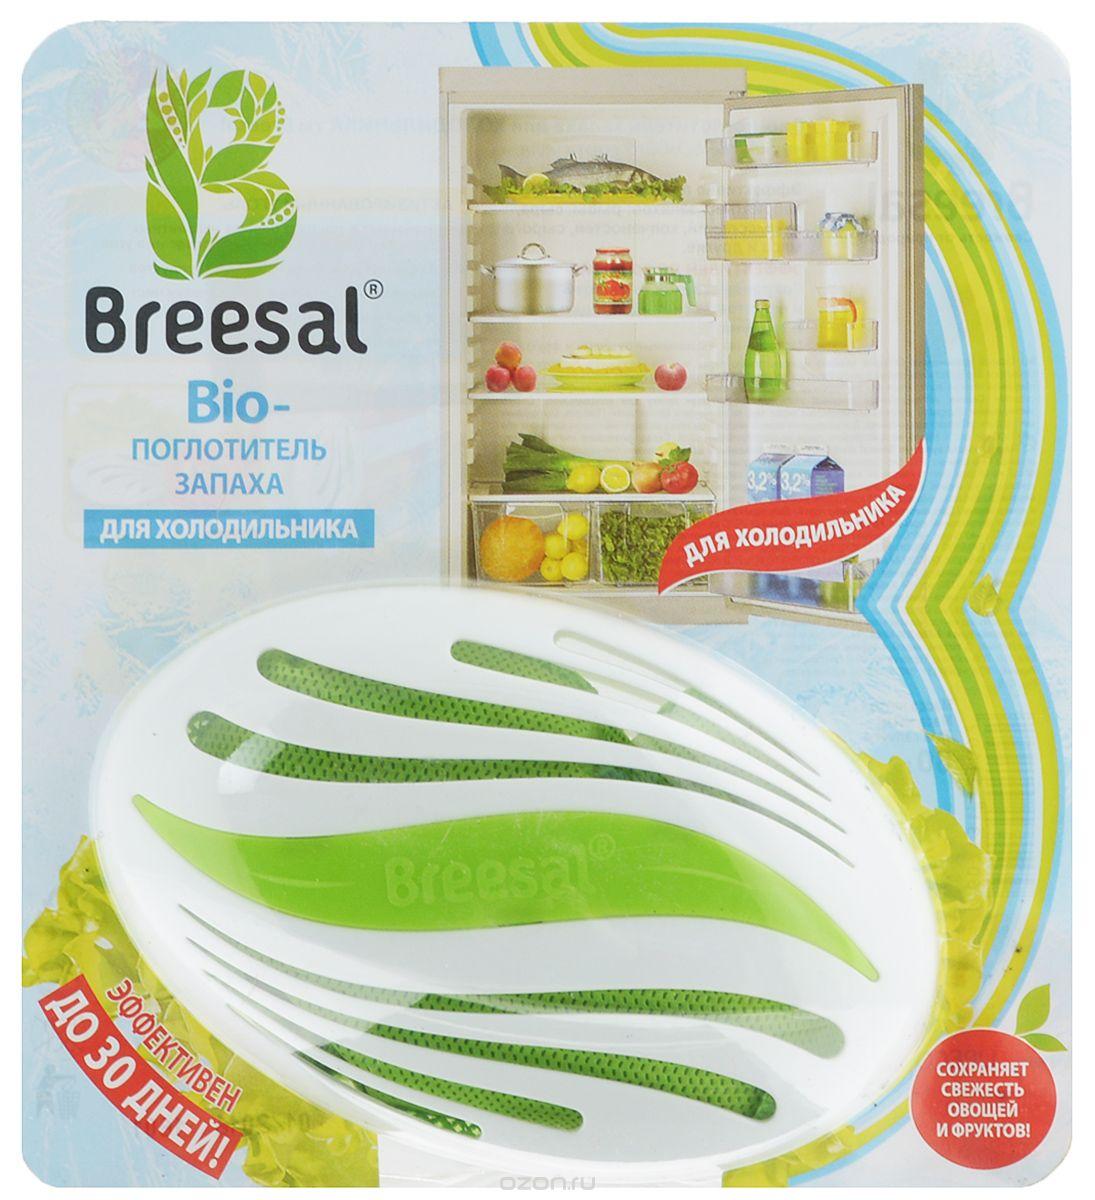 Био-поглотитель запаха для холодильника Breesal, 80 гSTN-01_желтыйБио-поглотитель запаха для холодильника Breesal на основе особого сорта угля эффективно поглощает все виды неприятных запахов: рыбы, сыра, лука, солений, копченостей, сырого мяса и другие. Эффективен до 30 дней. Сохраняет свежесть овощей и фруктов за счет абсорбции влаги и этилена. Поглотитель запаха изготовлен на основе активированного угля, который поглощает в 3 раза больше неприятных запахов и влаги, в отличие от древесного, сохраняет идеальную свежесть продуктов, абсолютно безопасен и экологически чист. Прибор удобен в использовании. Для размещения в холодильнике можно использовать клипсу или двухсторонний скотч. Корпус выполнен из пластика. Состав: активированный уголь. Размер поглотителя: 12,5 см х 8 см х 5 см.